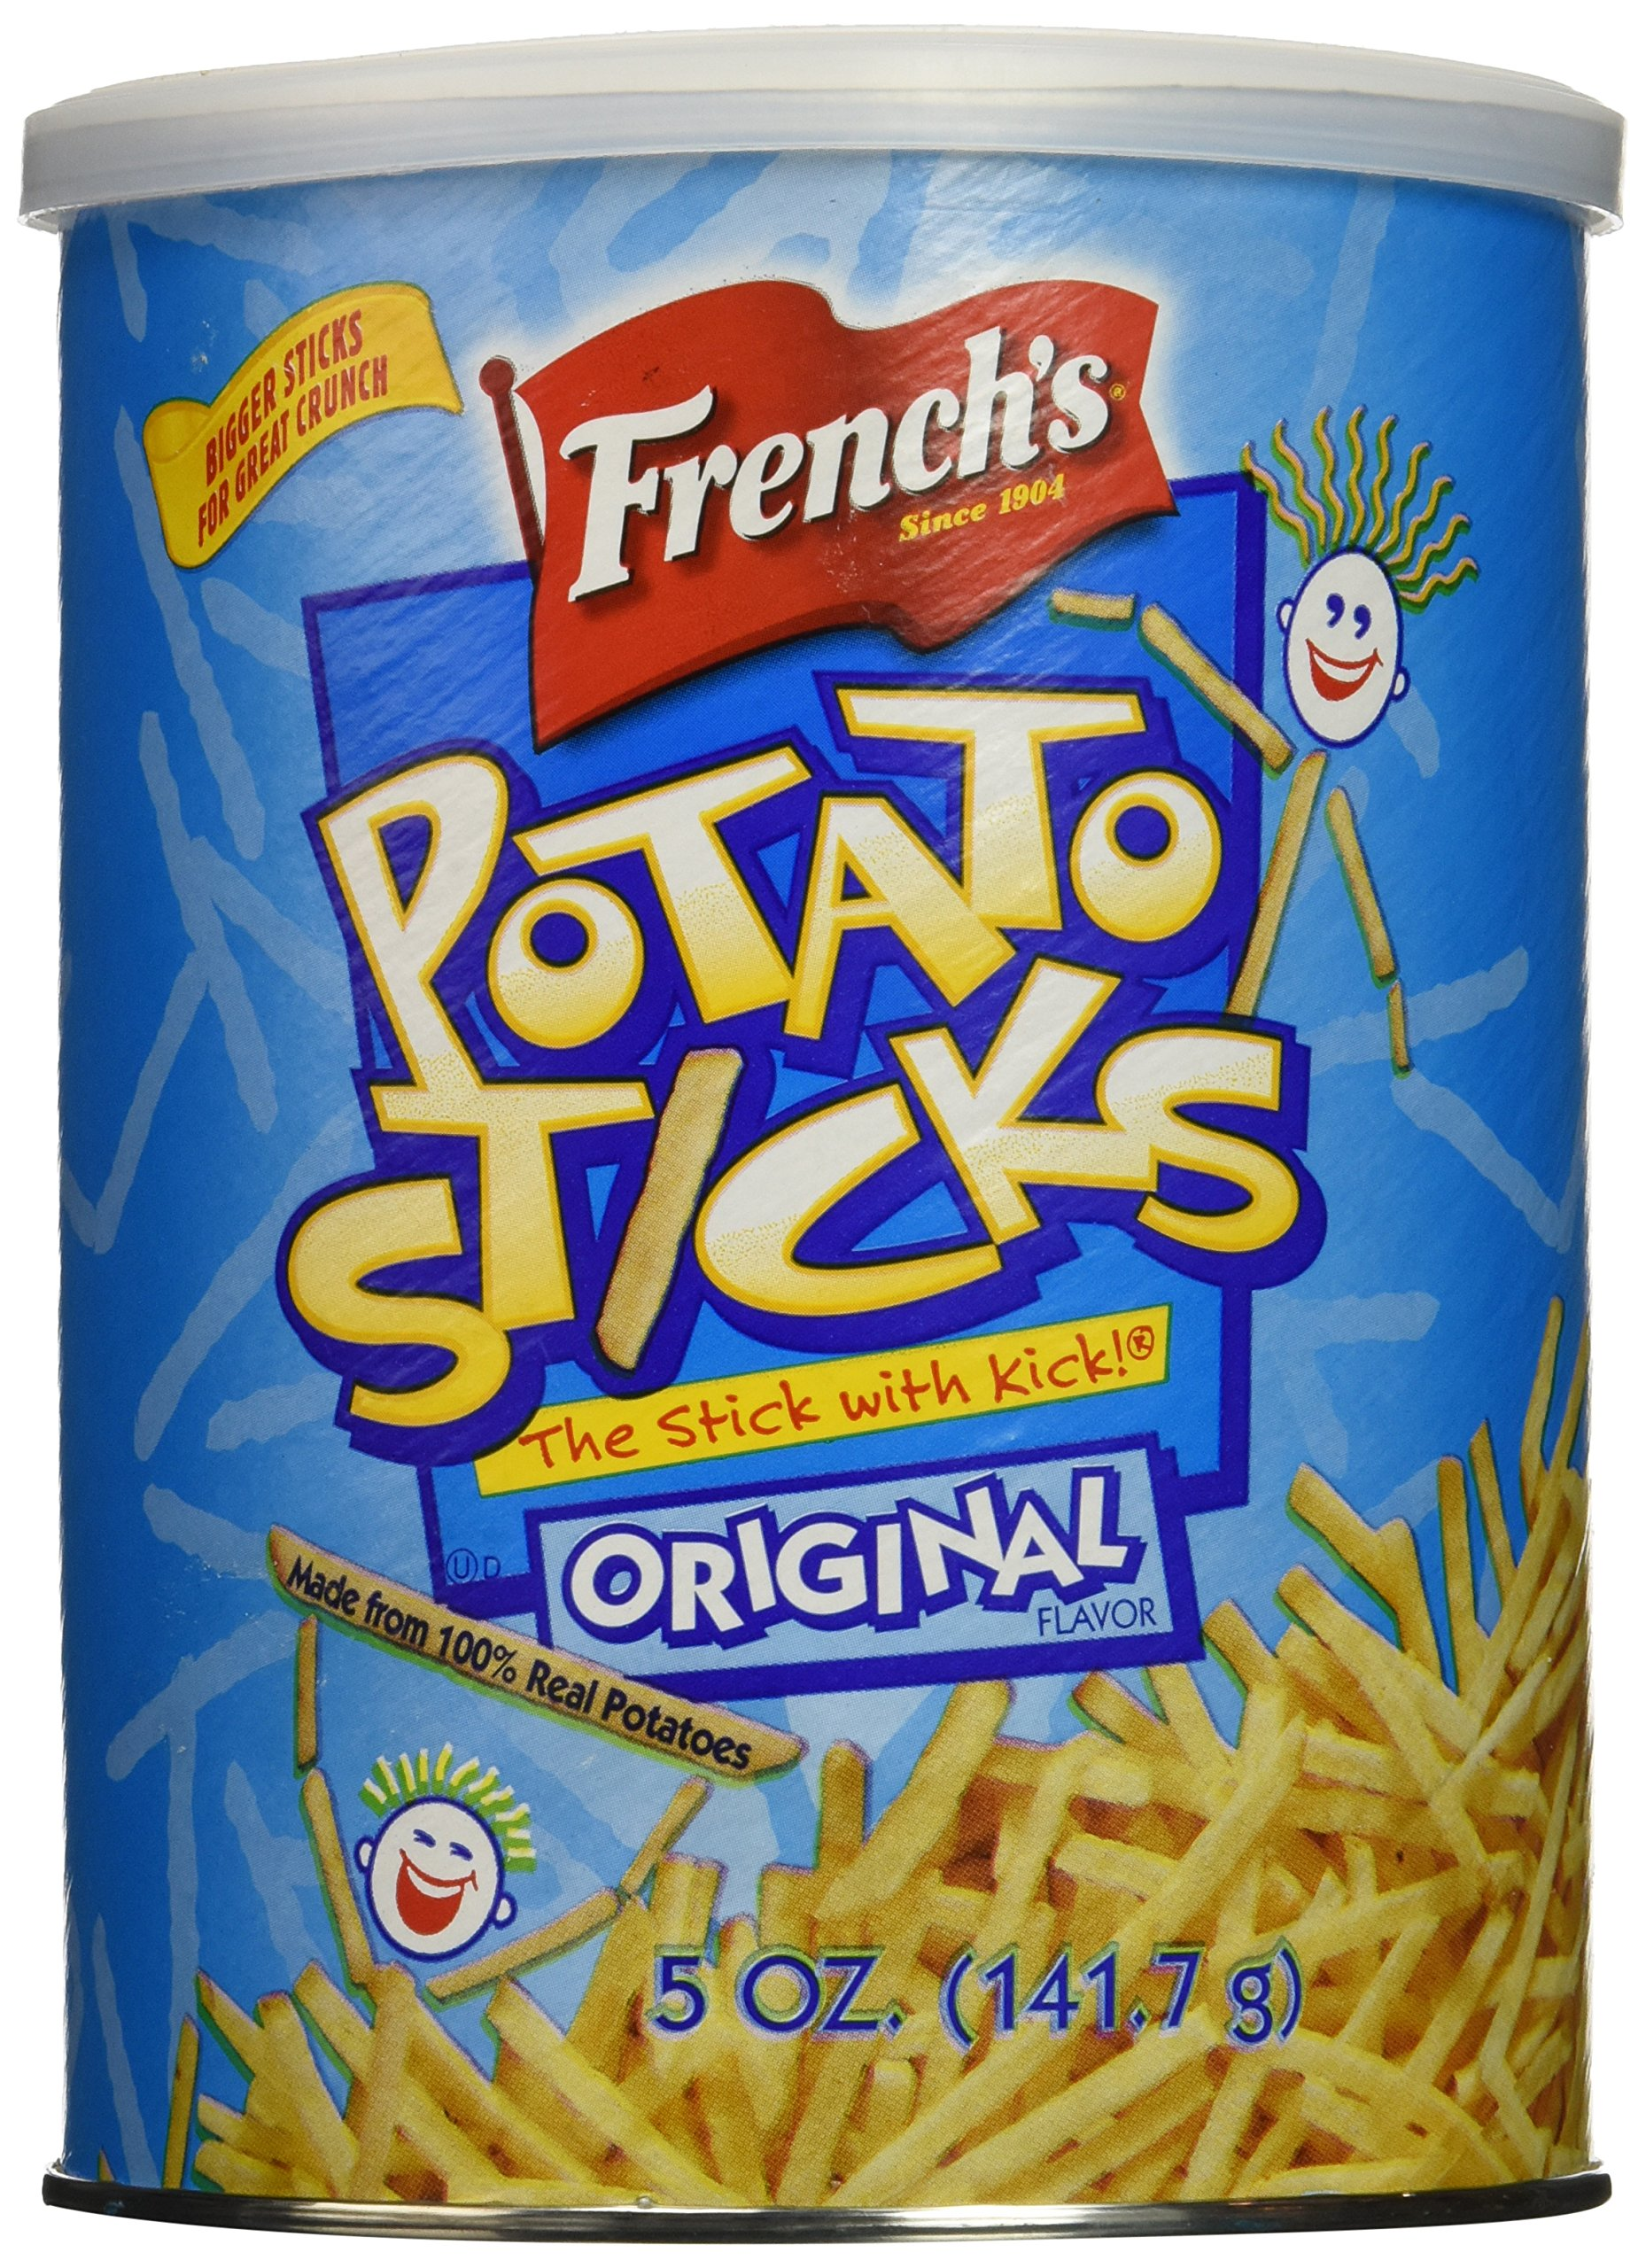 French's Original Potato Sticks, 5 oz by French's